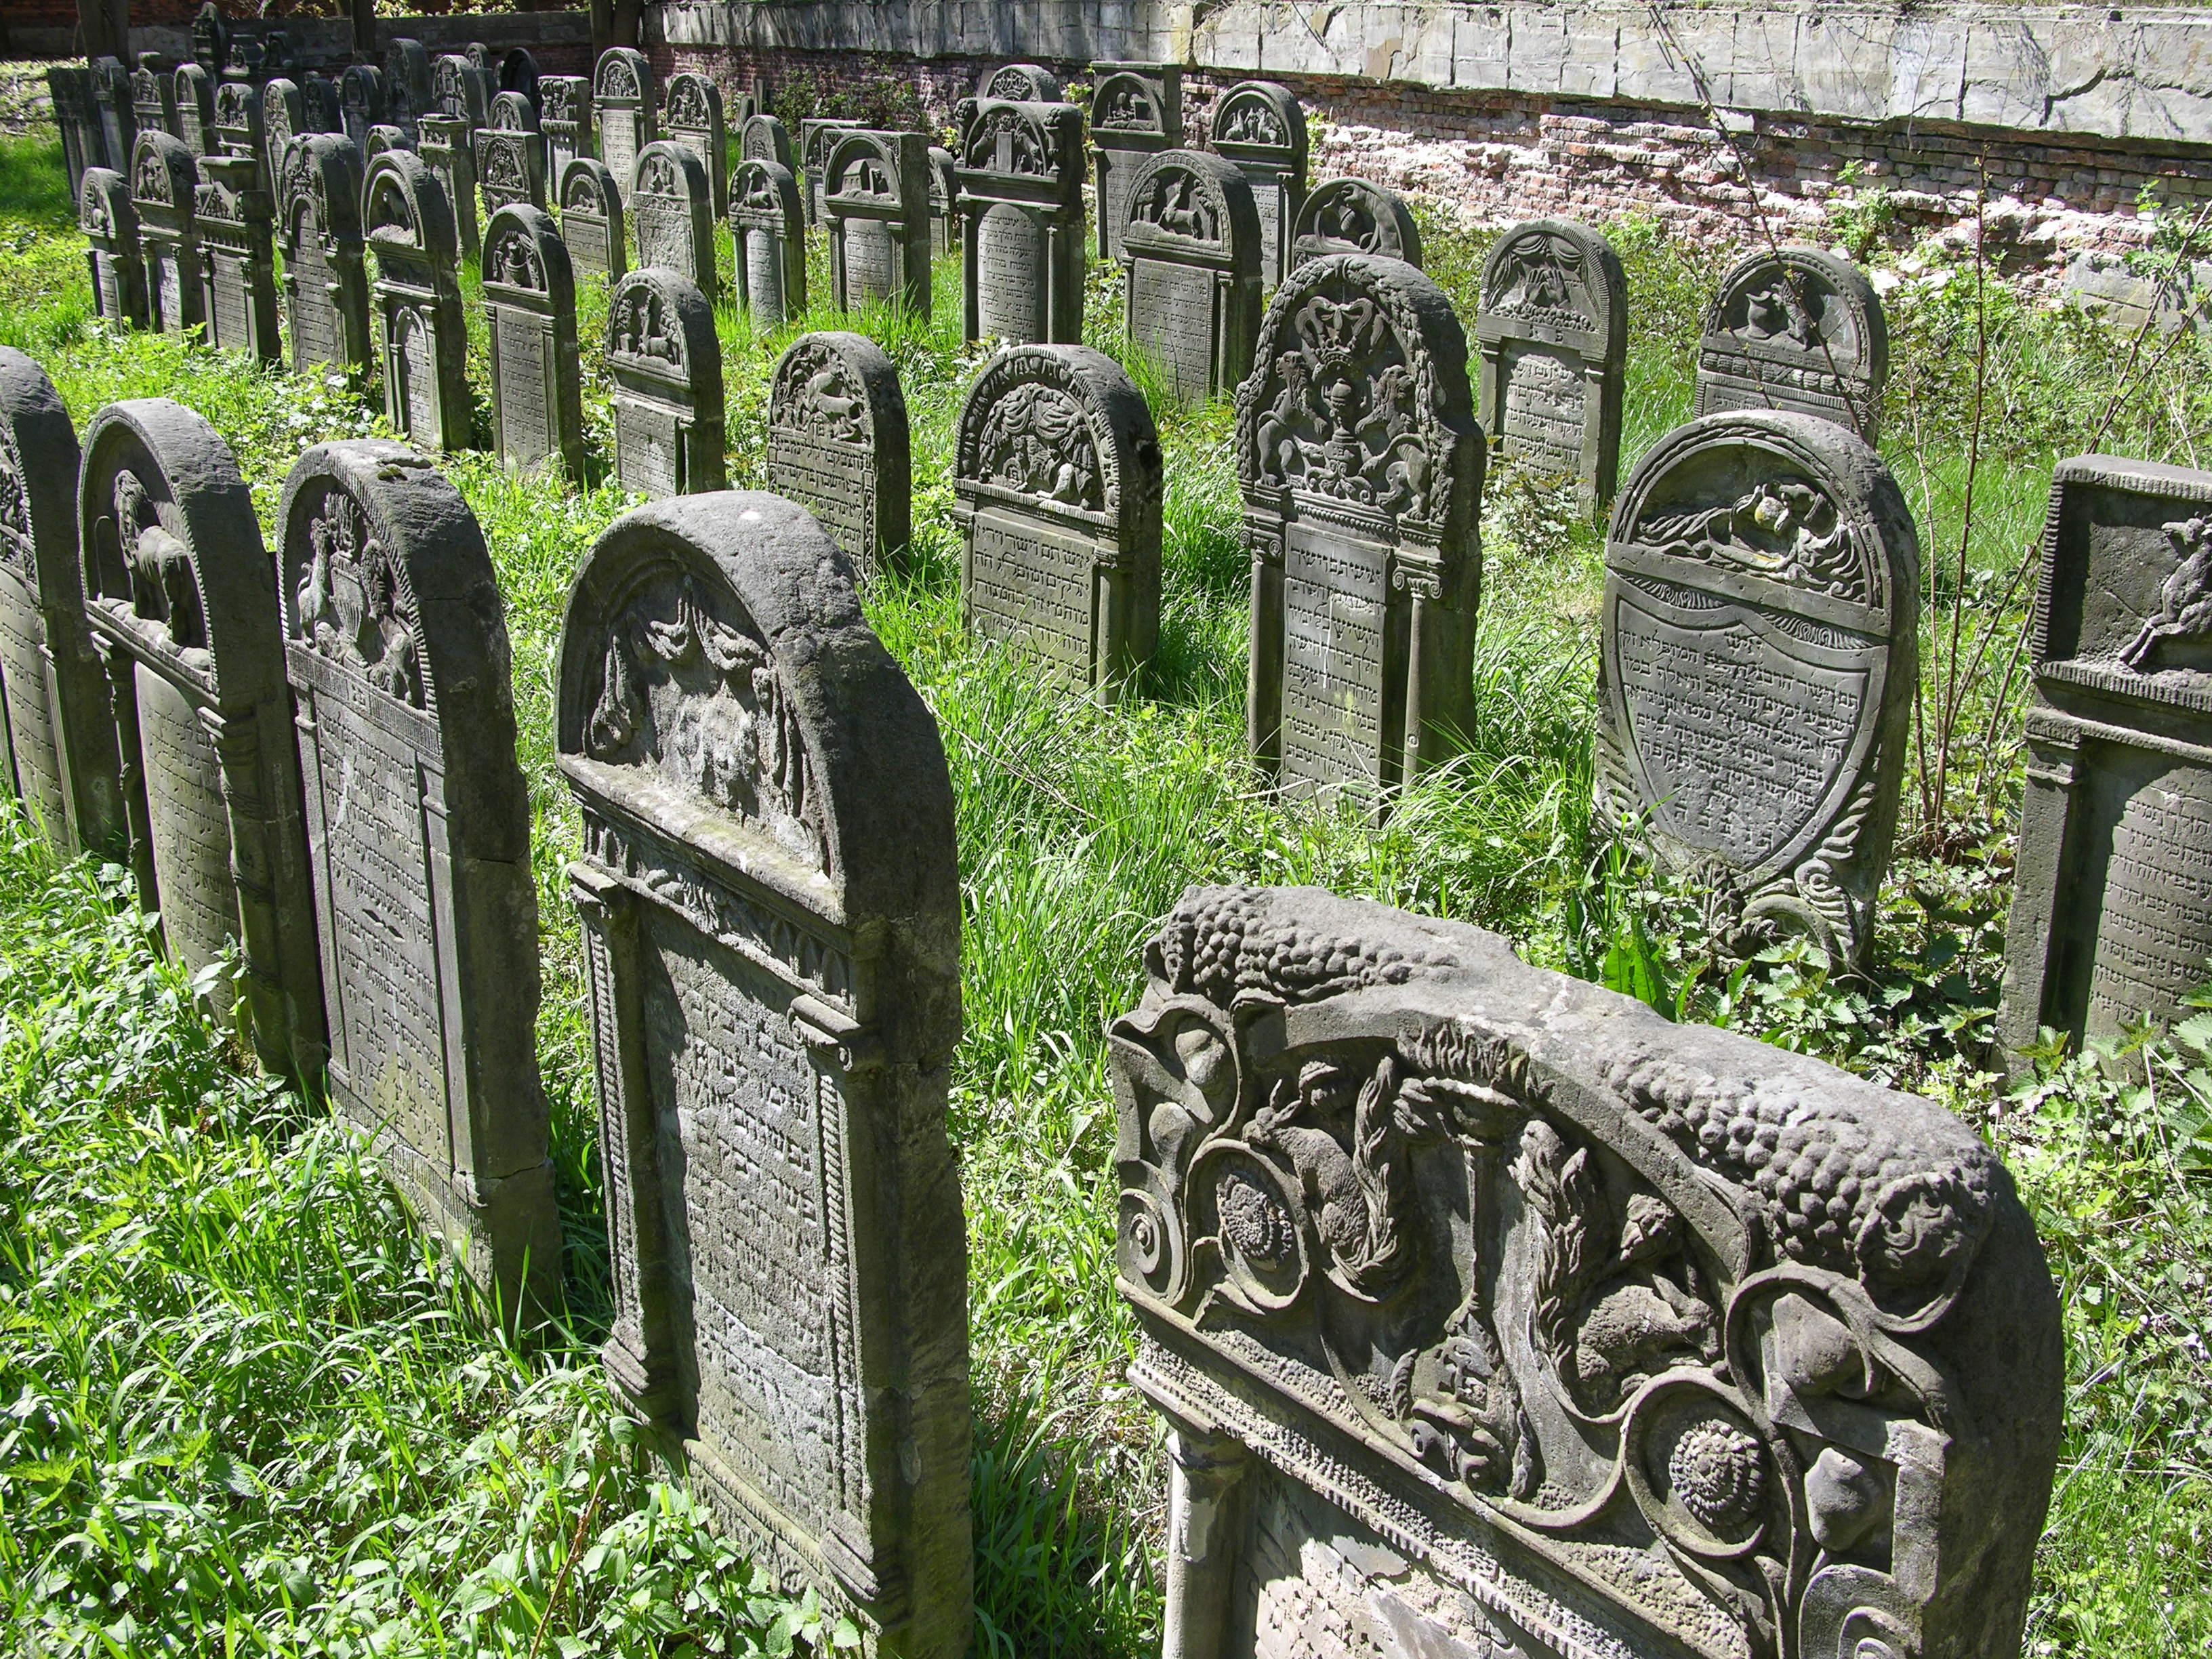 http://vignette4.wikia.nocookie.net/warszawa/images/f/f5/Cmentarz_%C5%BBydowski_na_Okopowej_09.JPG/revision/latest?cb=20110818184148